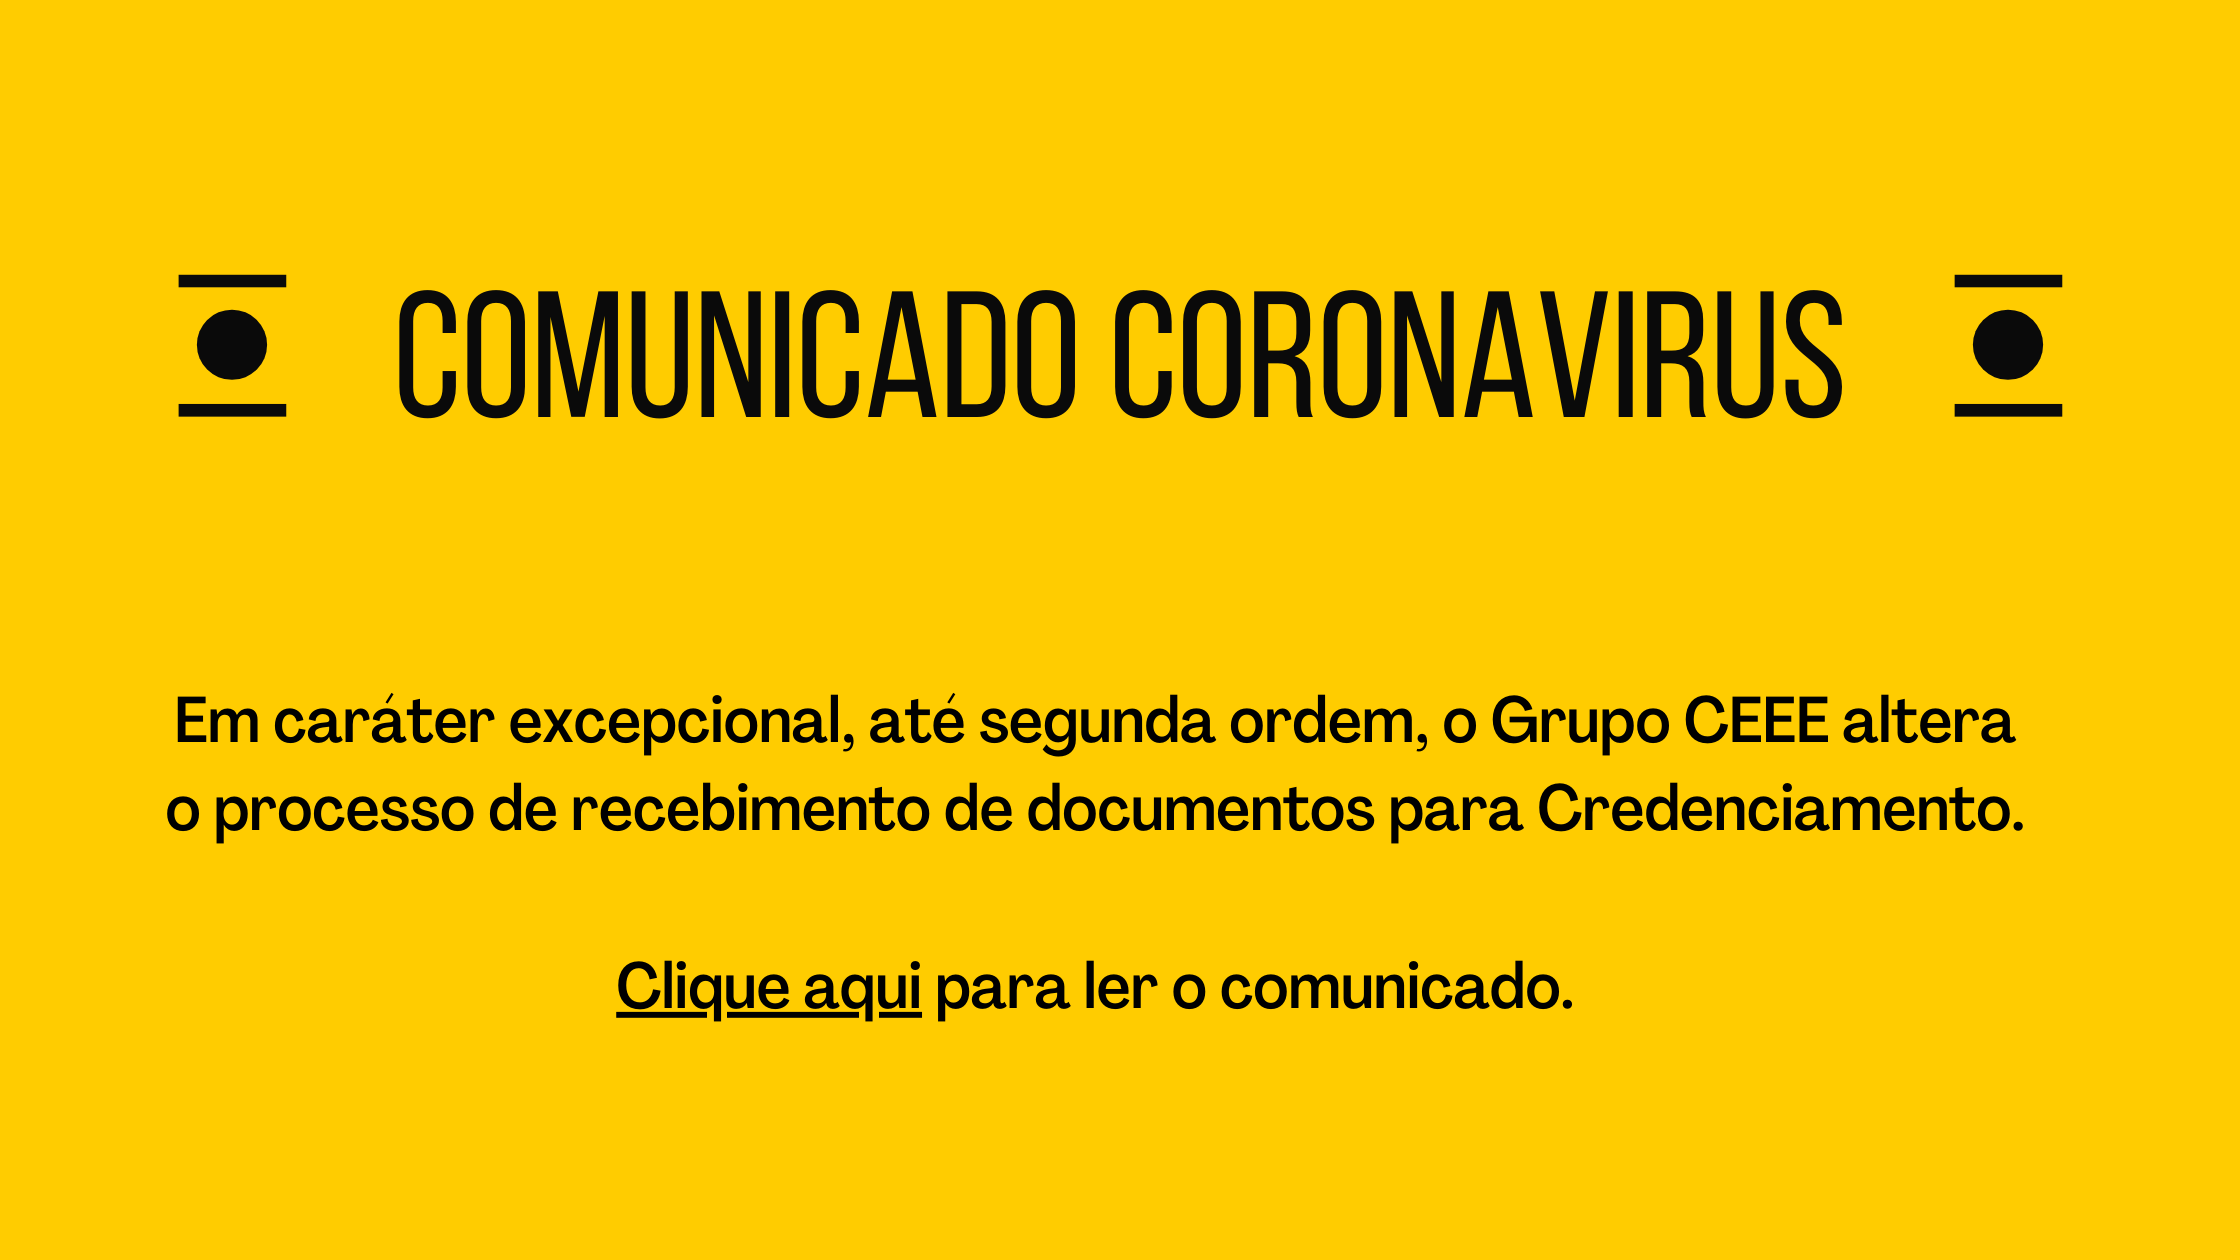 """Em fundo amarelo, destaque para o título """"Comunicado Coronavirus"""". Abaixo, o seguinte texto: """"Em caráter excepcional, até segunda ordem, o Grupo CEEE altera o processo de recebimento de documentos para Credenciamento. Clique aqui para ler o comunicado."""", que direciona para arquivo em PDF com as orientações."""